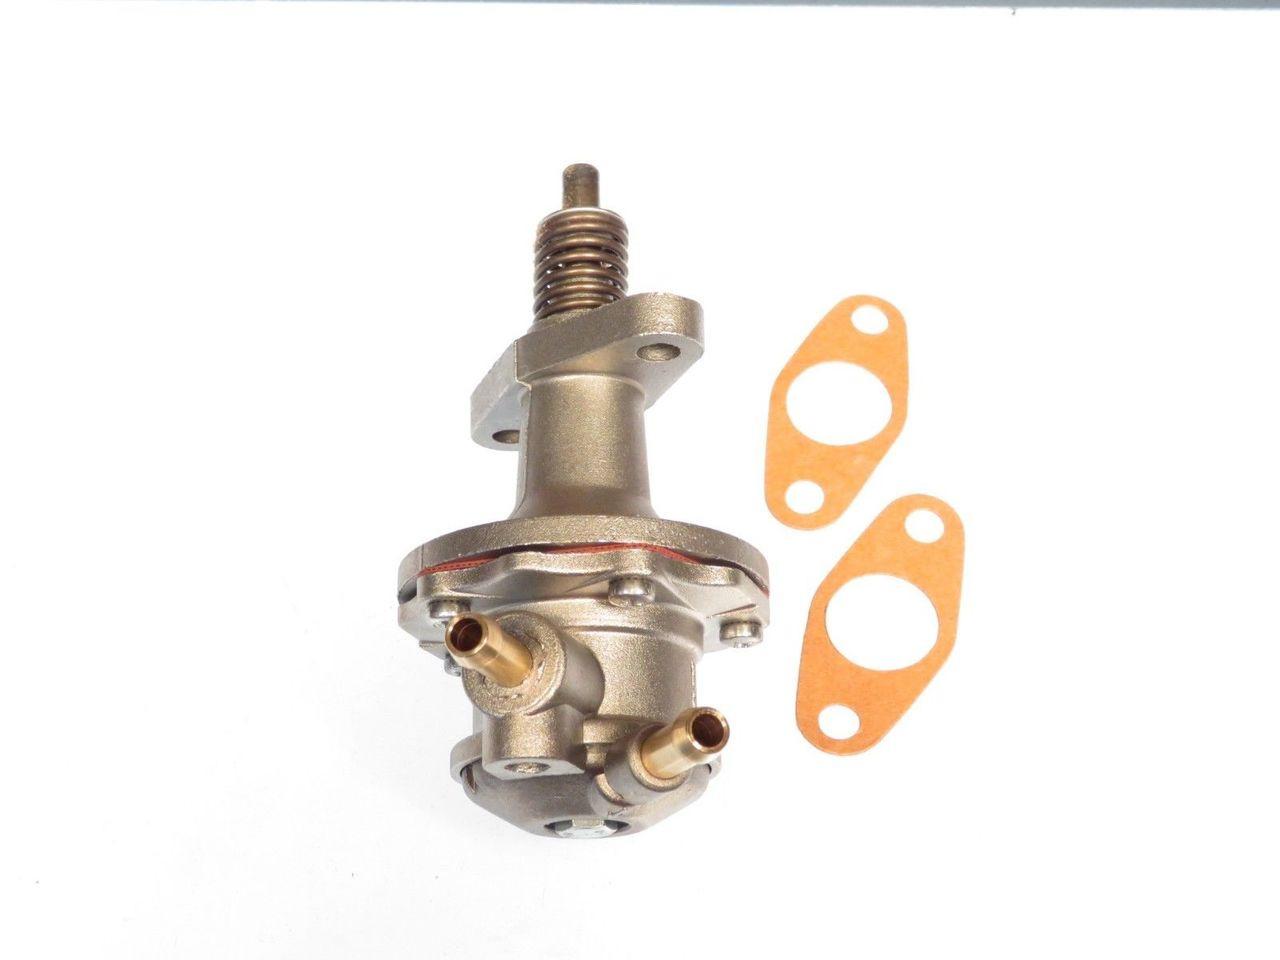 Opel GT 1900 Manta 1900 & Blitz Mechanical Fuel Pump FP14271